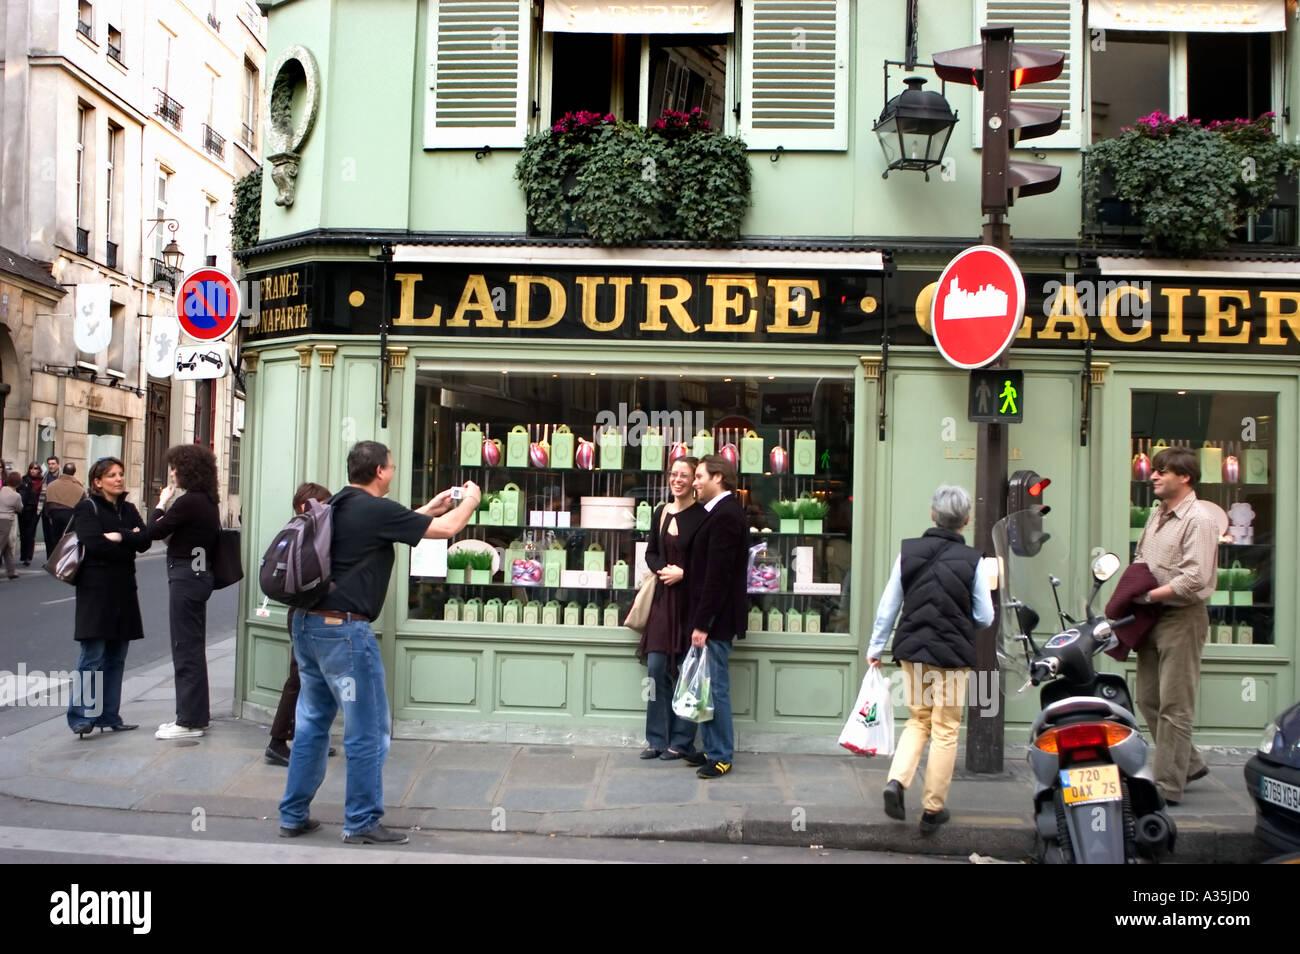 Paris FRANCE, Parisian Street Scene,  Tourist Photographing Couple 'St Germain des Prés'  Outside Bakery Laduree - Stock Image